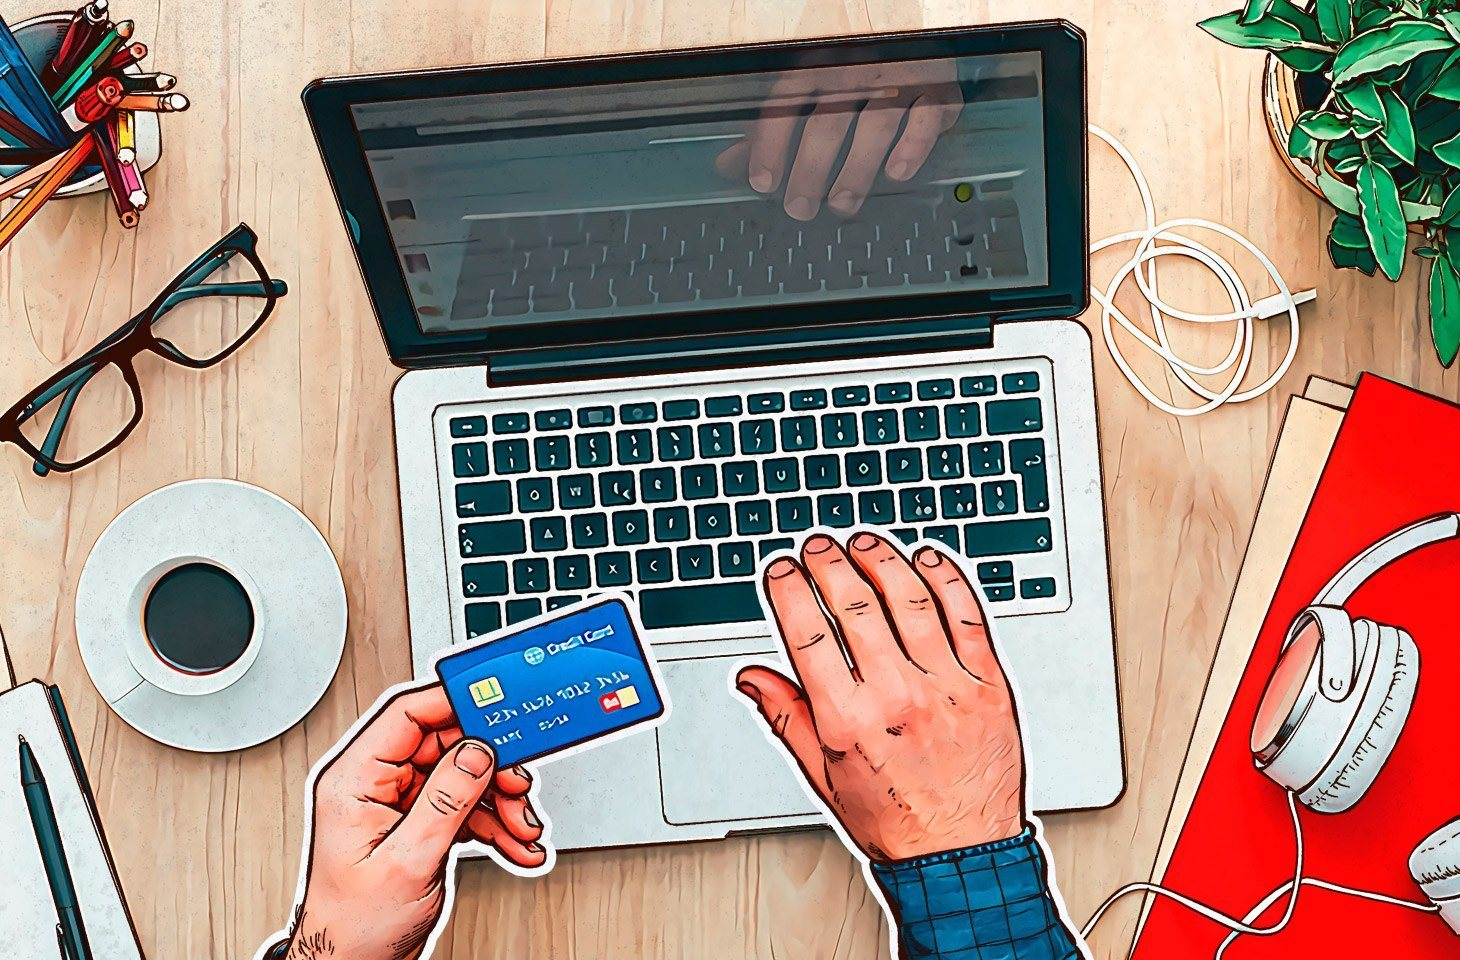 kaspersky effectuez des achats en ligne et des operations bancaires sur votre mac en toute securite - Kaspersky: Effectuez des achats en ligne et des opérations bancaires sur votre Mac en toute sécurité